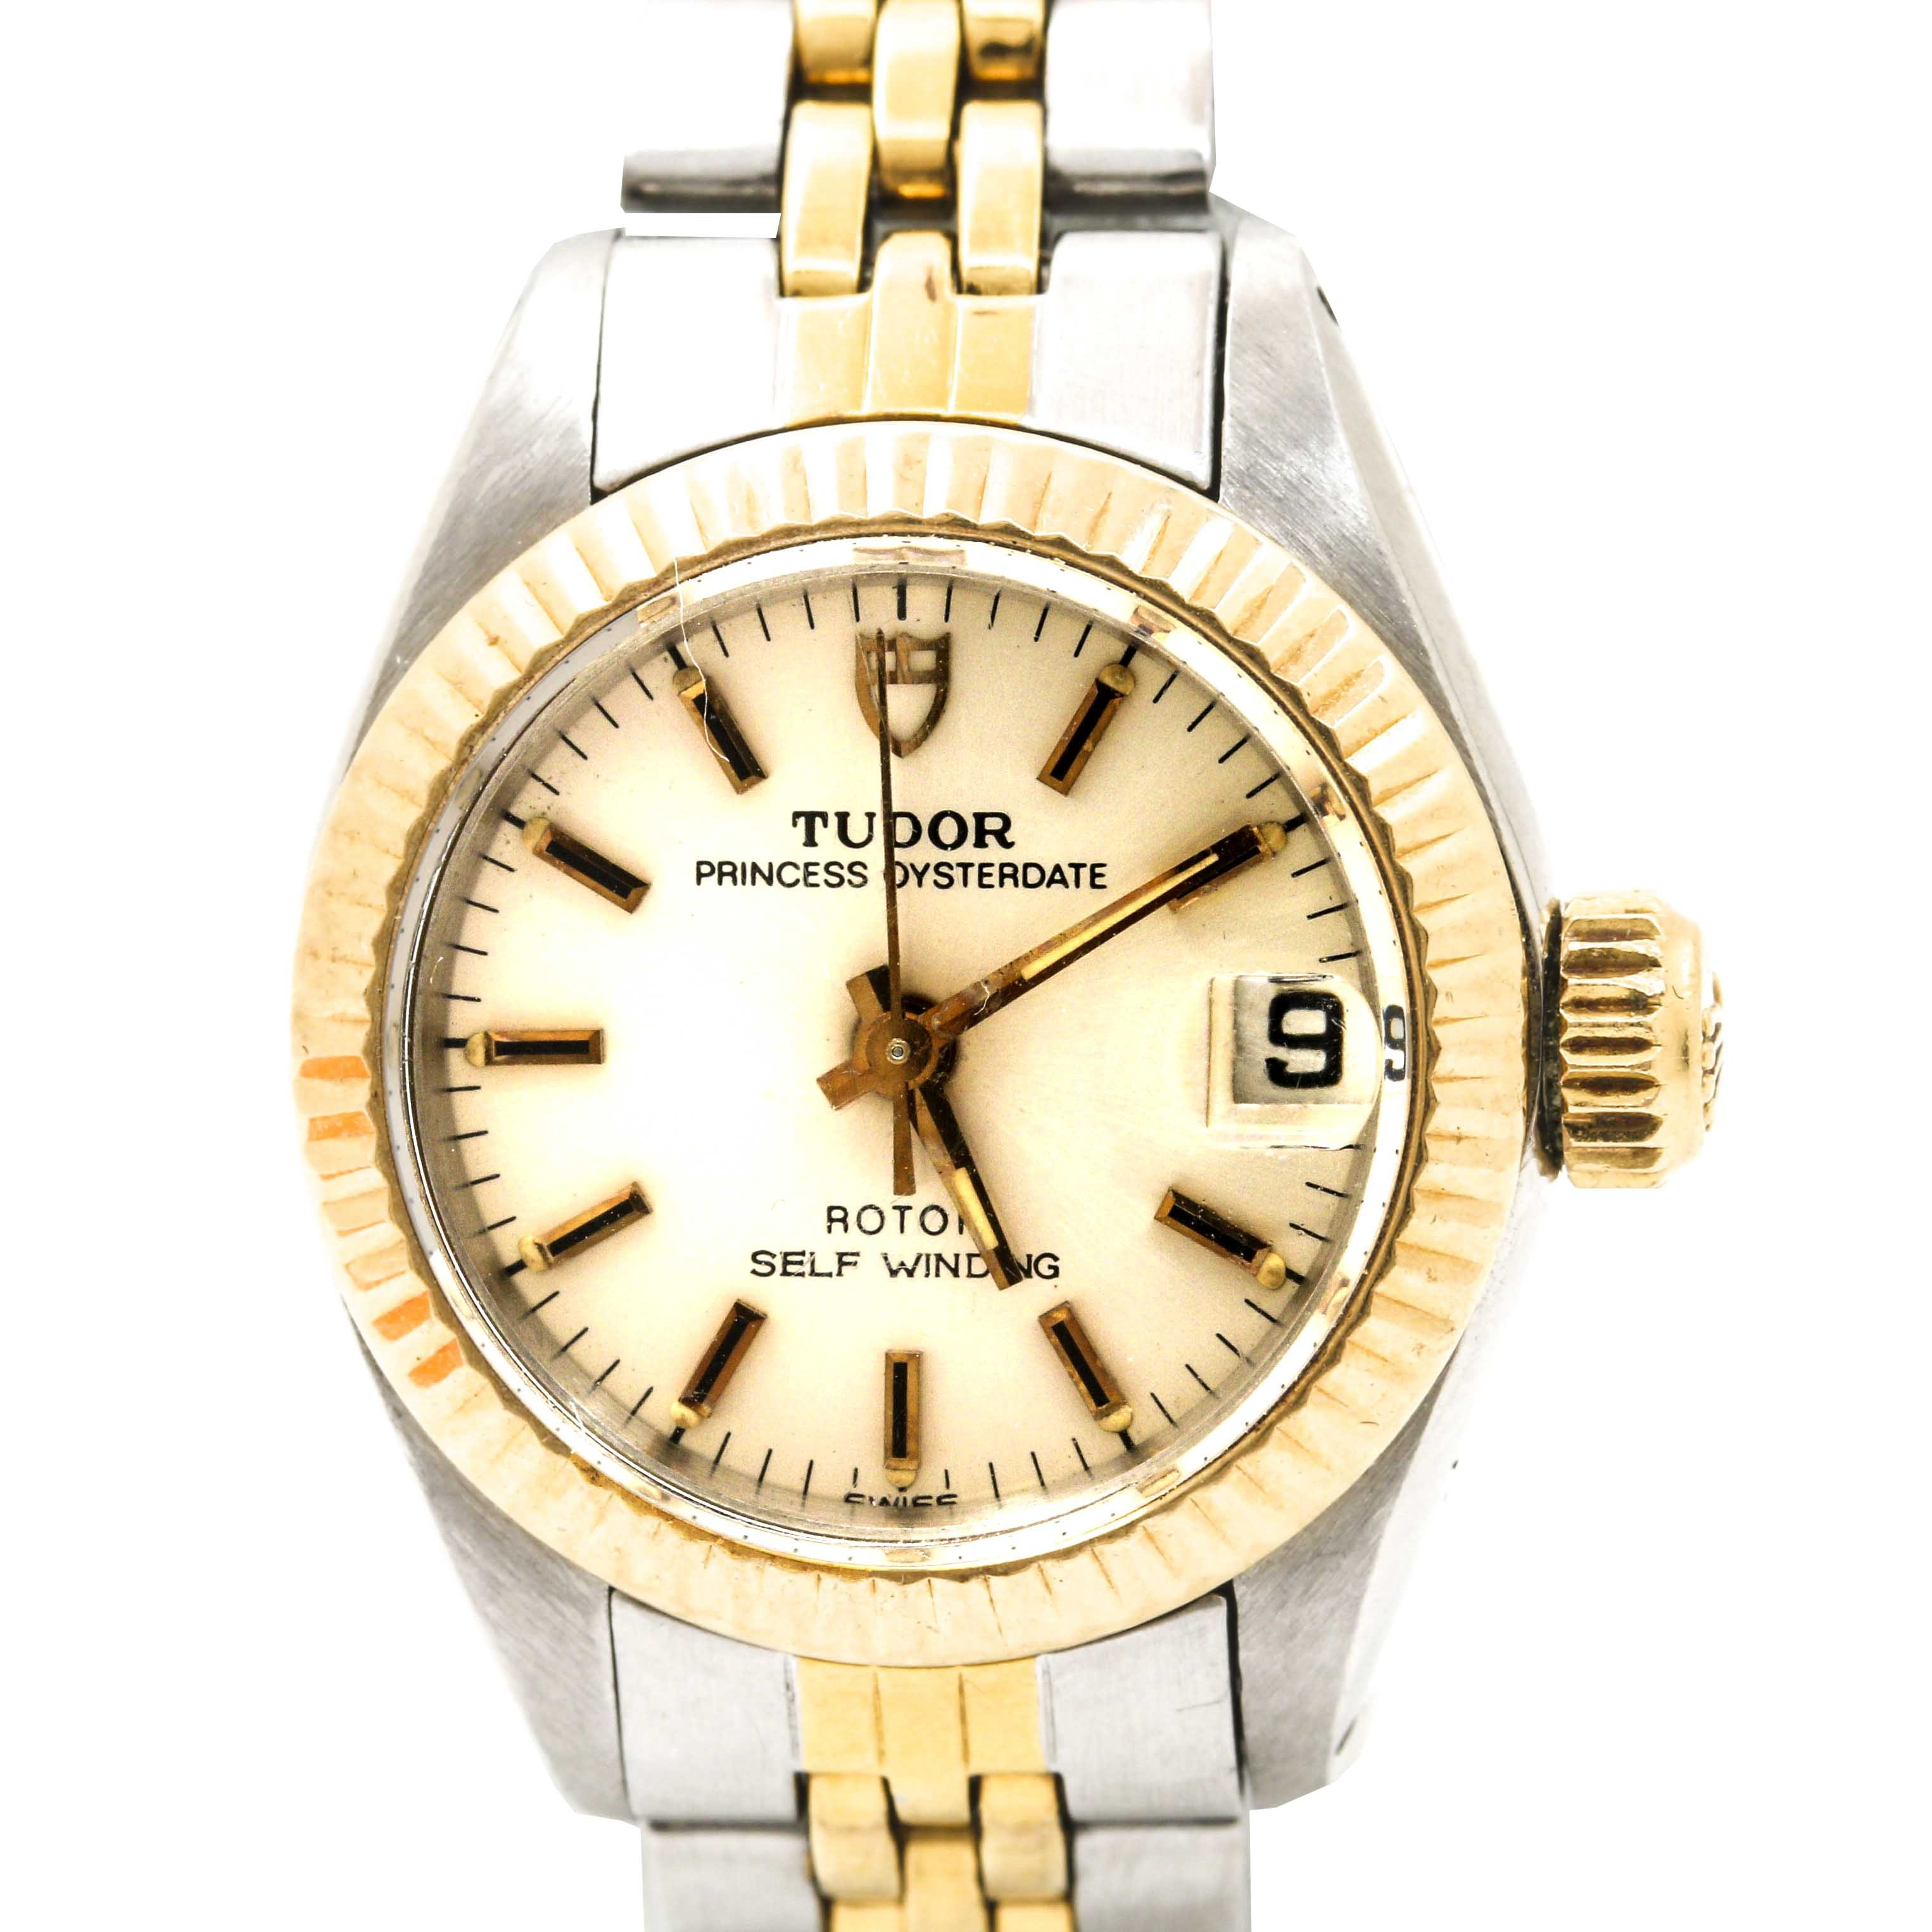 Tudor Two-Tone Wristwatch